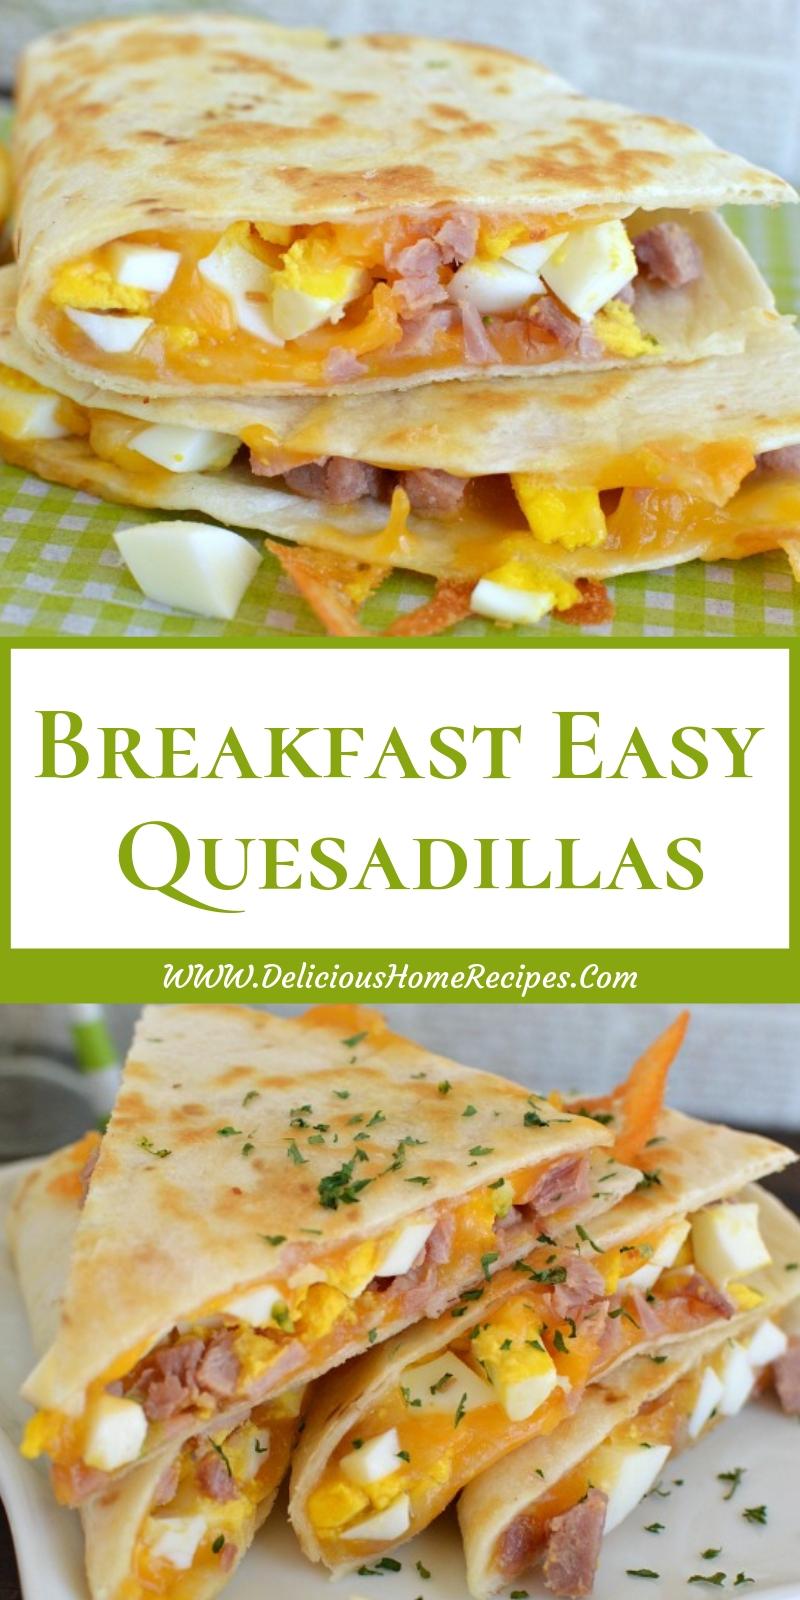 Breakfast Easy Quesadillas